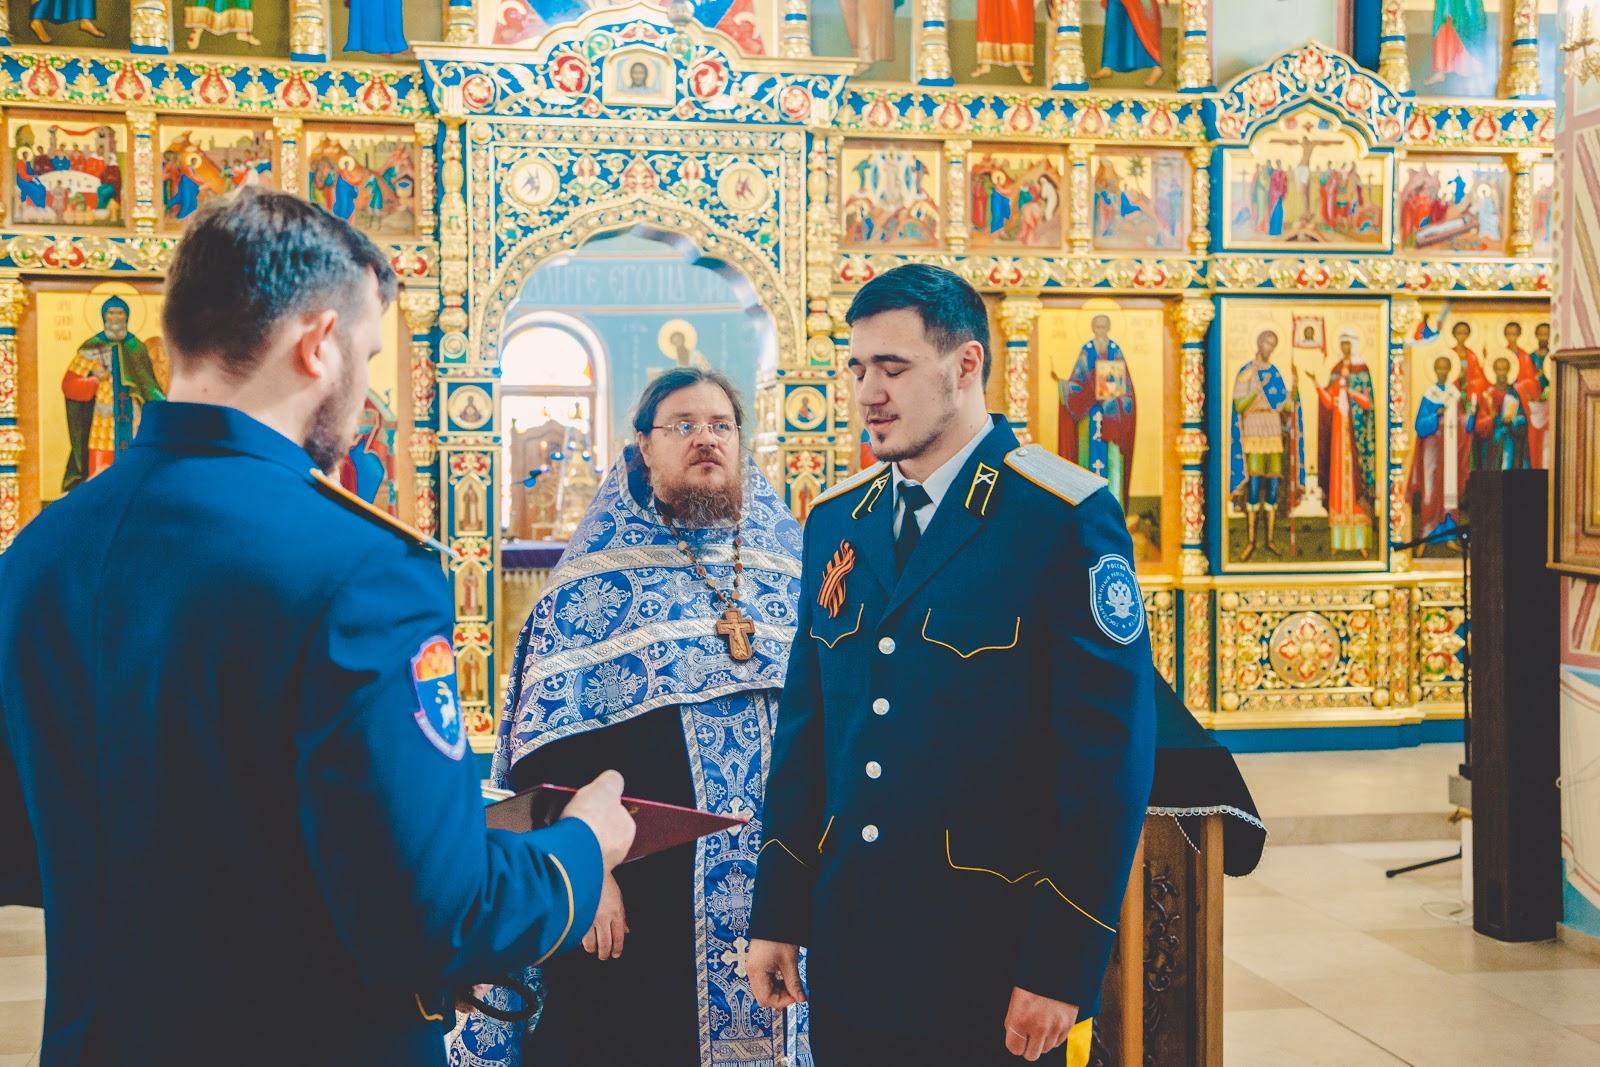 В храме Святой Живоначальной Троицы состоялось верстание казаков хутора «Андреевский»